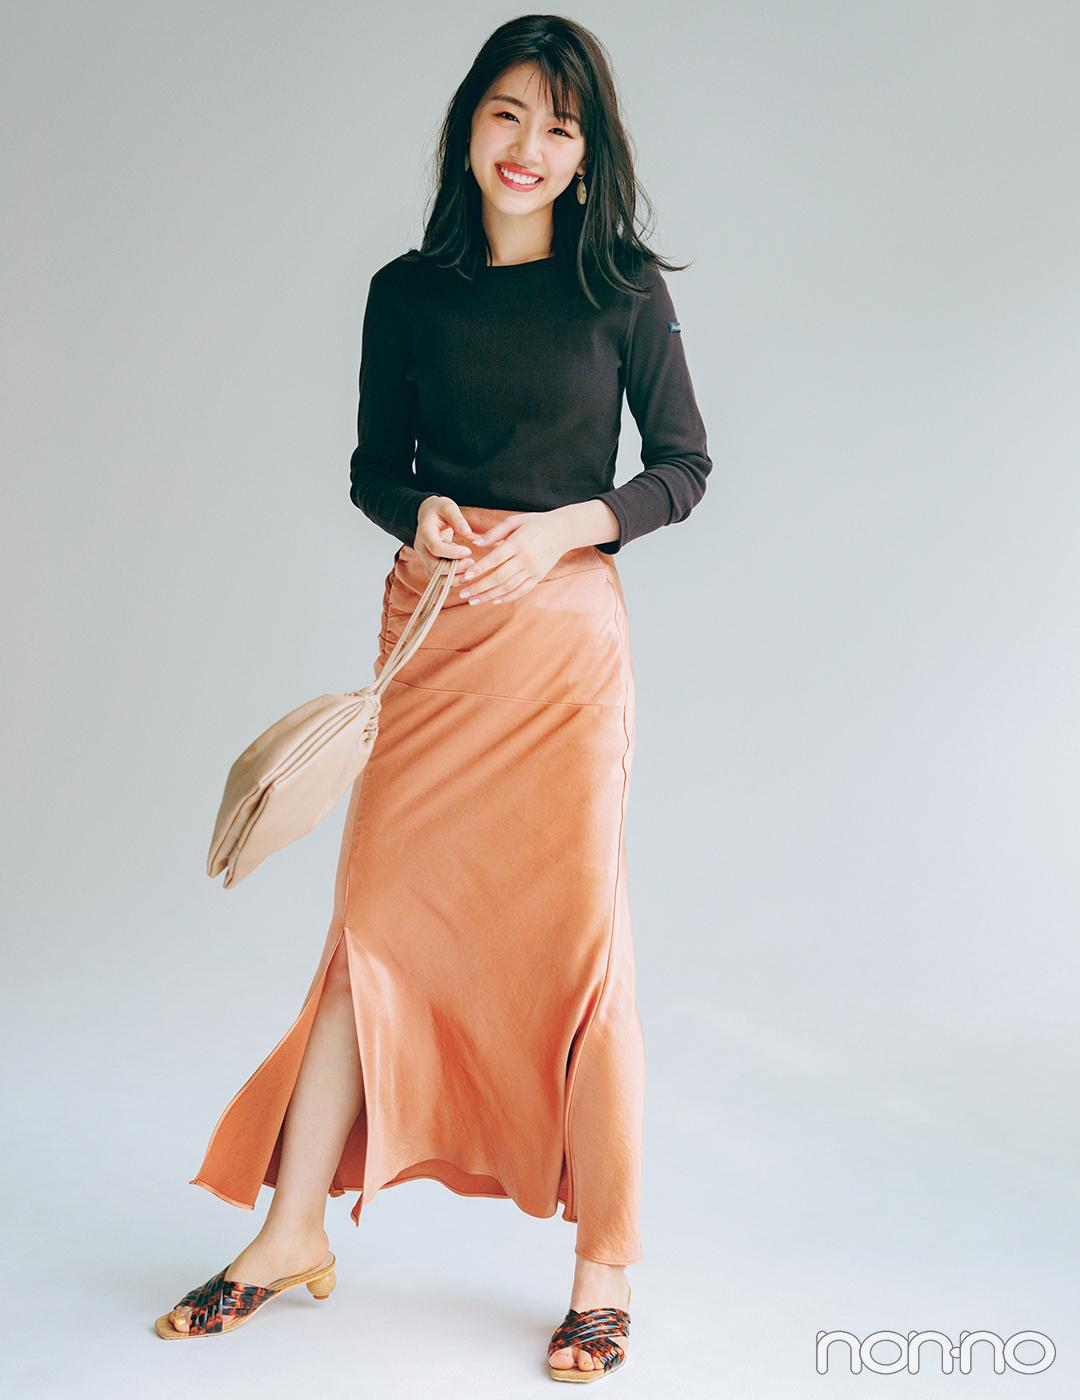 ツヤ感たっぷりのスカートでフェミ度を上げて可愛く目立つ秋コーデ【毎日コーデ】